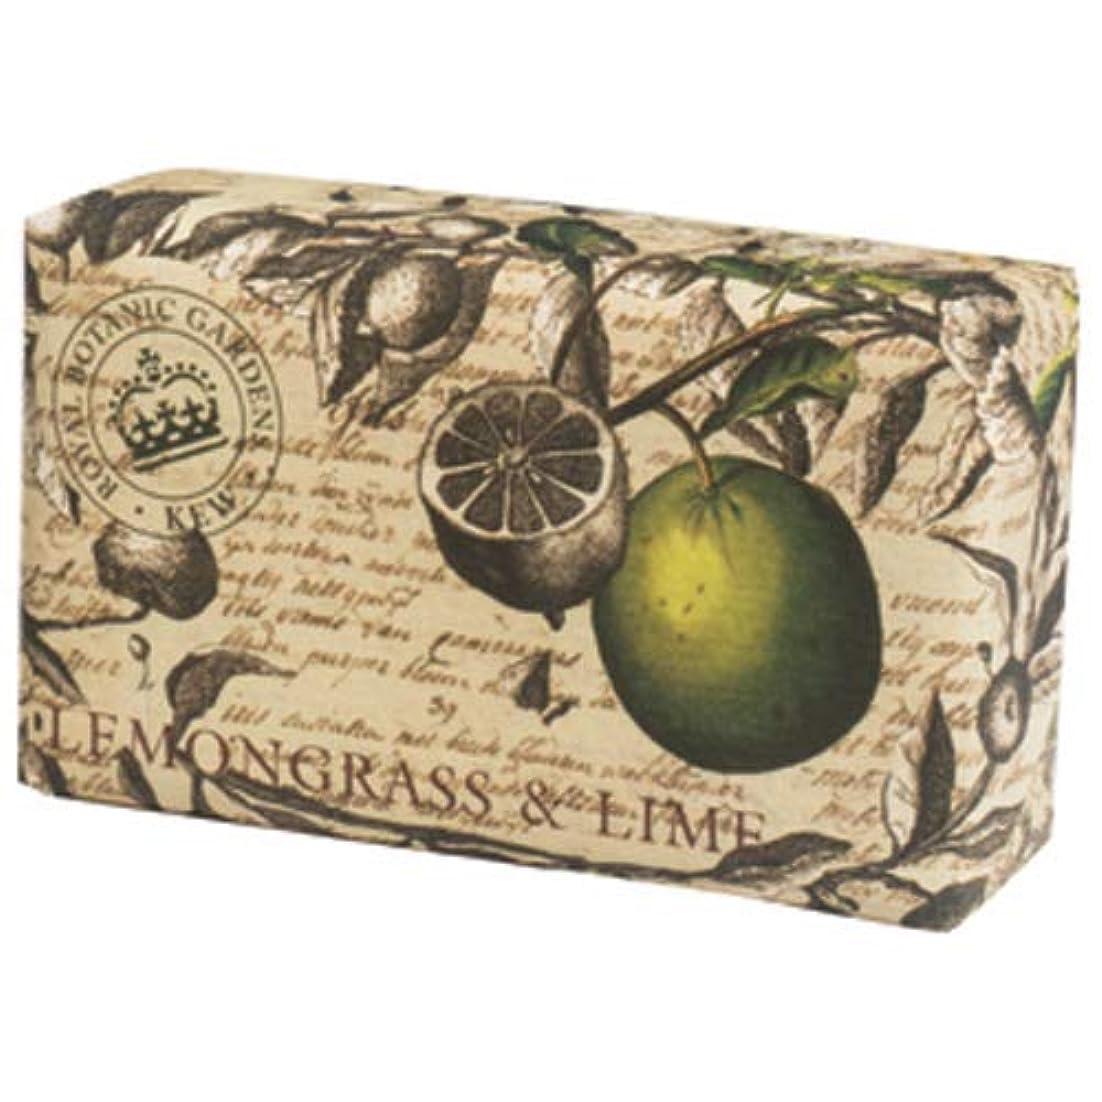 トチの実の木インストール師匠English Soap Company イングリッシュソープカンパニー KEW GARDEN キュー?ガーデン Luxury Scrub Soaps スクラブソープ Lemongrass & Lime レモングラス&ライム